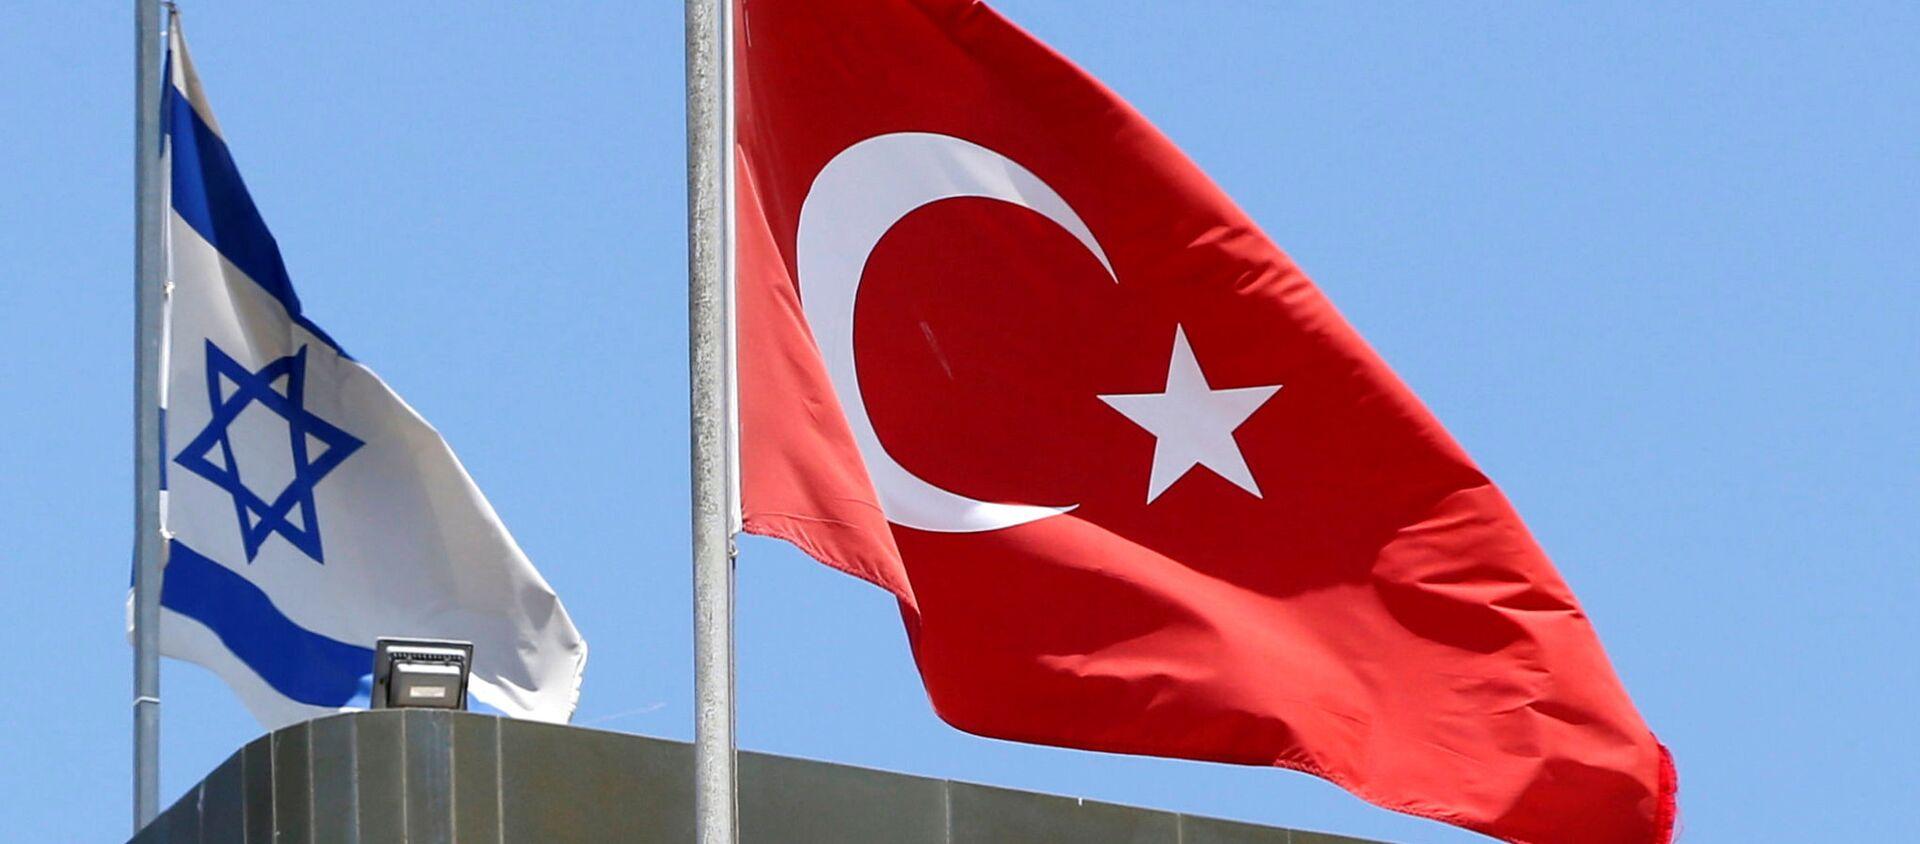 Заставе Турске и Израела - Sputnik Србија, 1920